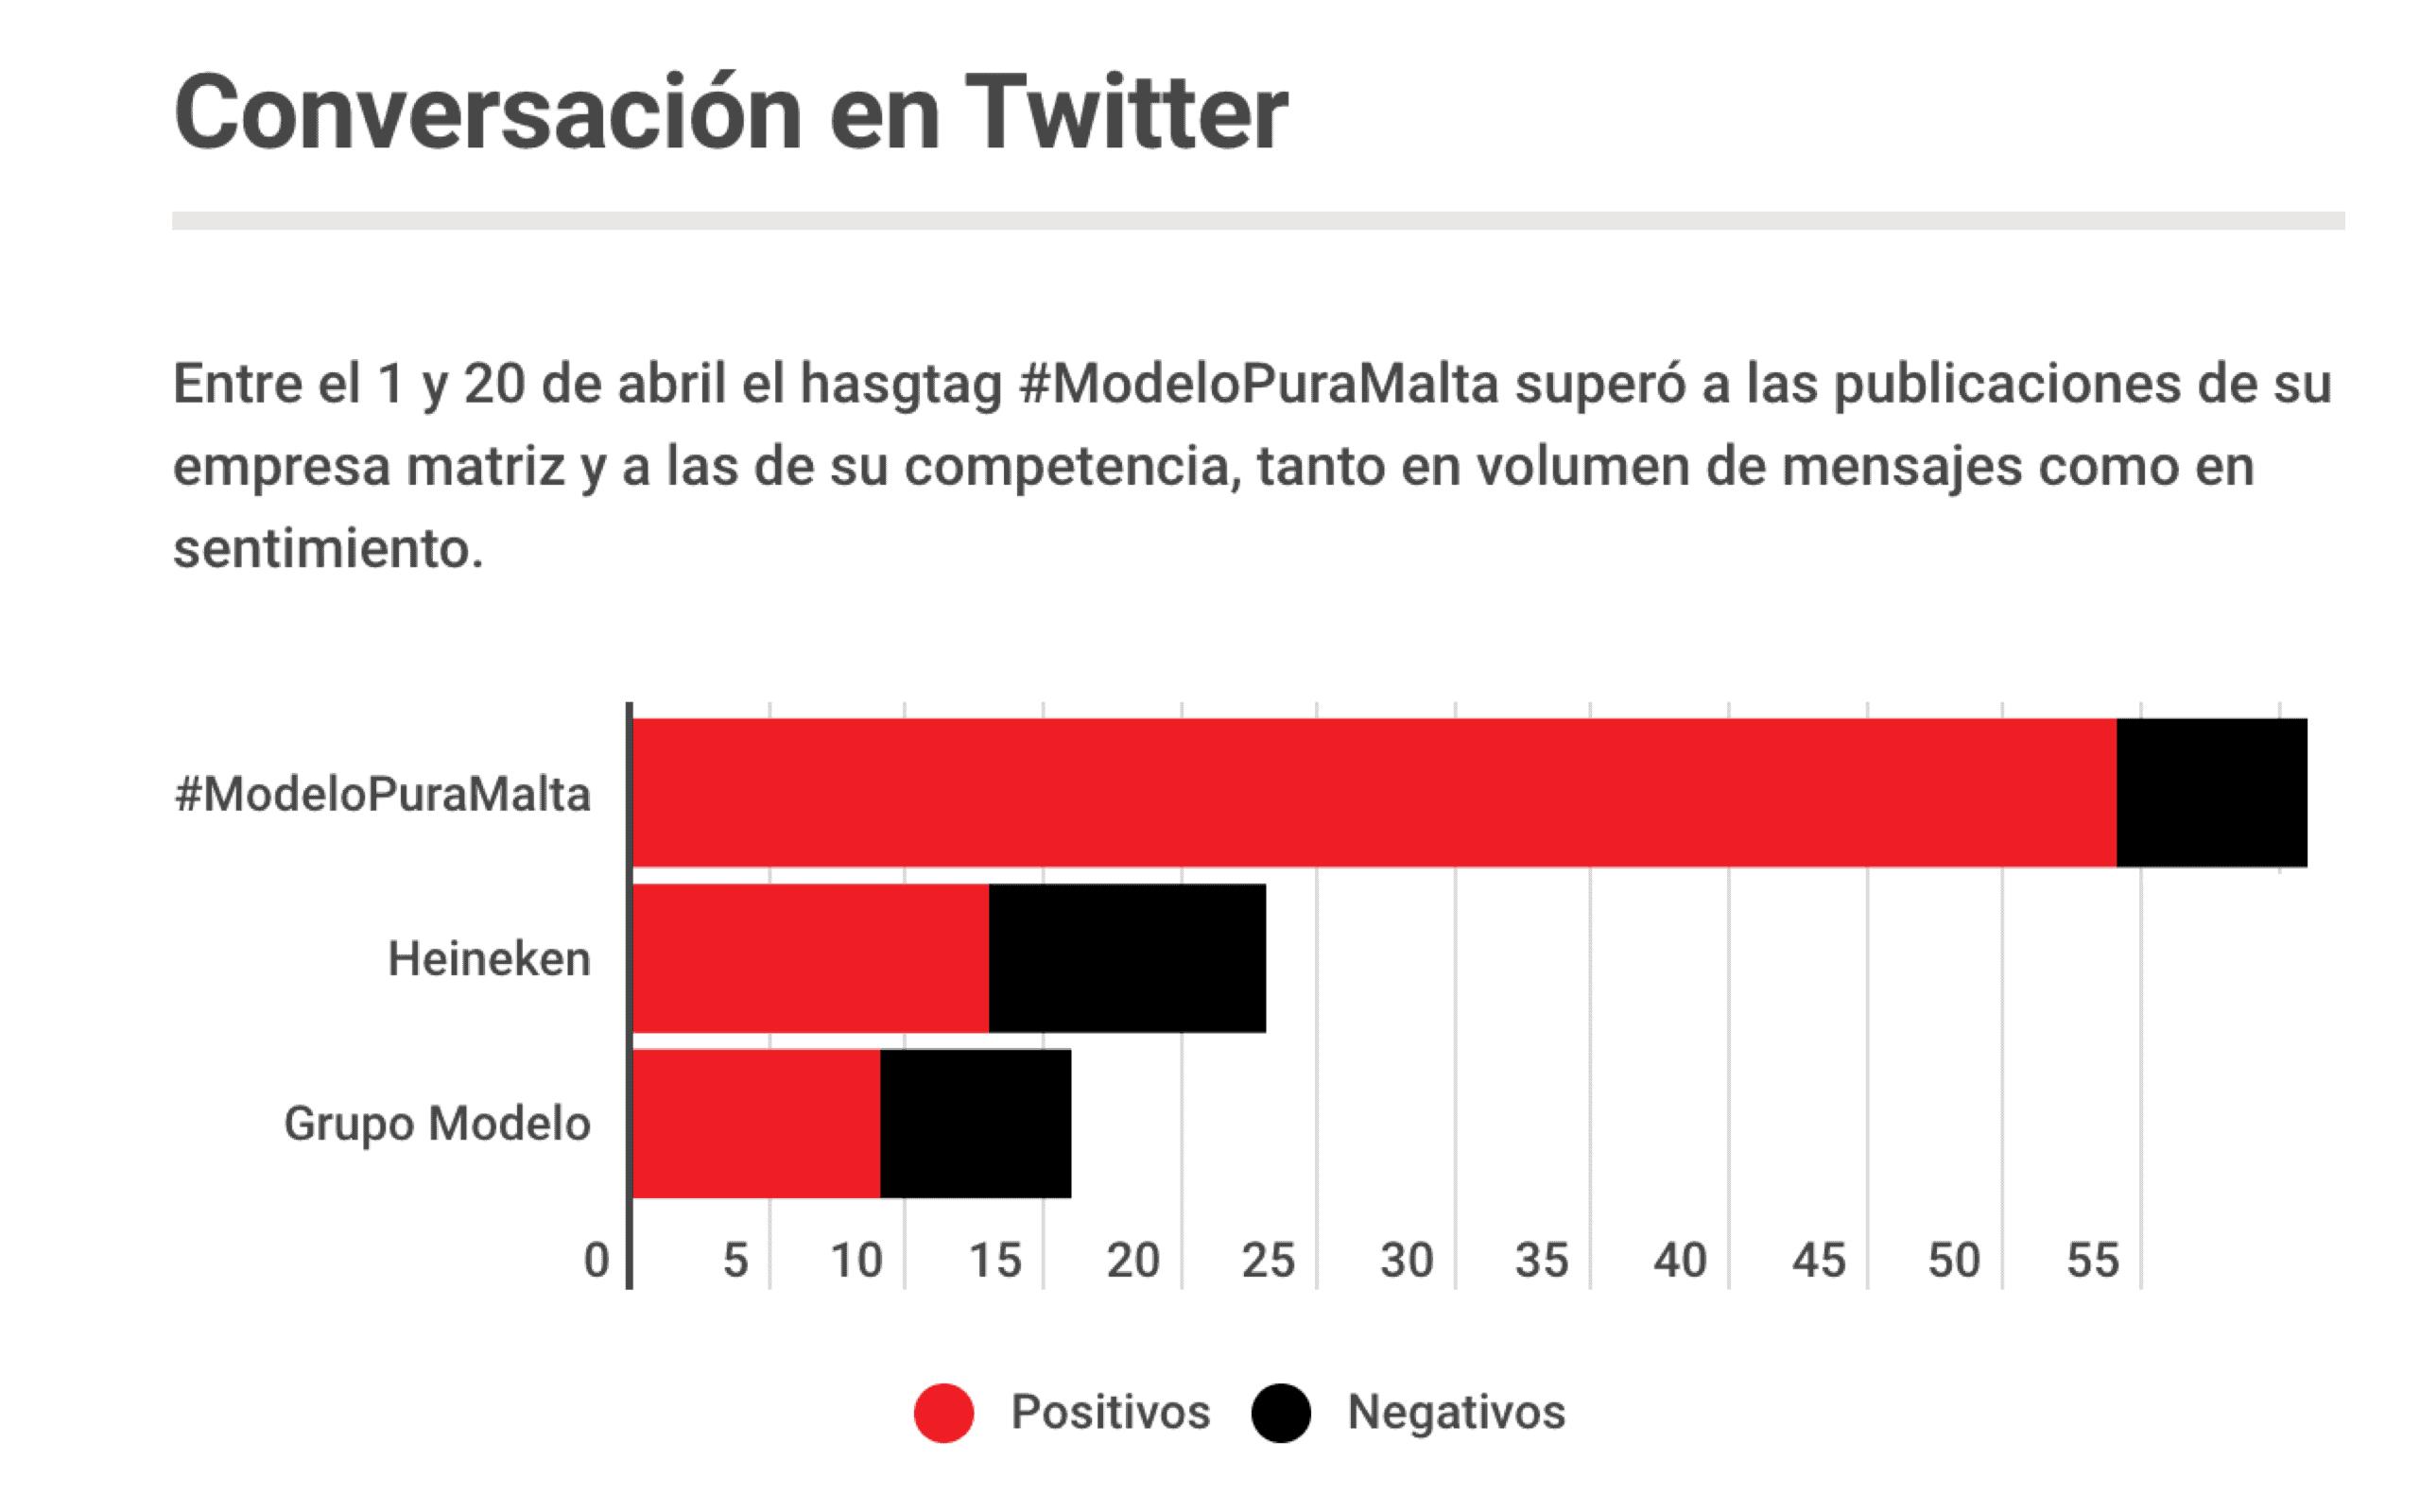 Metrics - Análisis campaña, Mercadotecnia, Metrics, modelopuramalta, Twitter